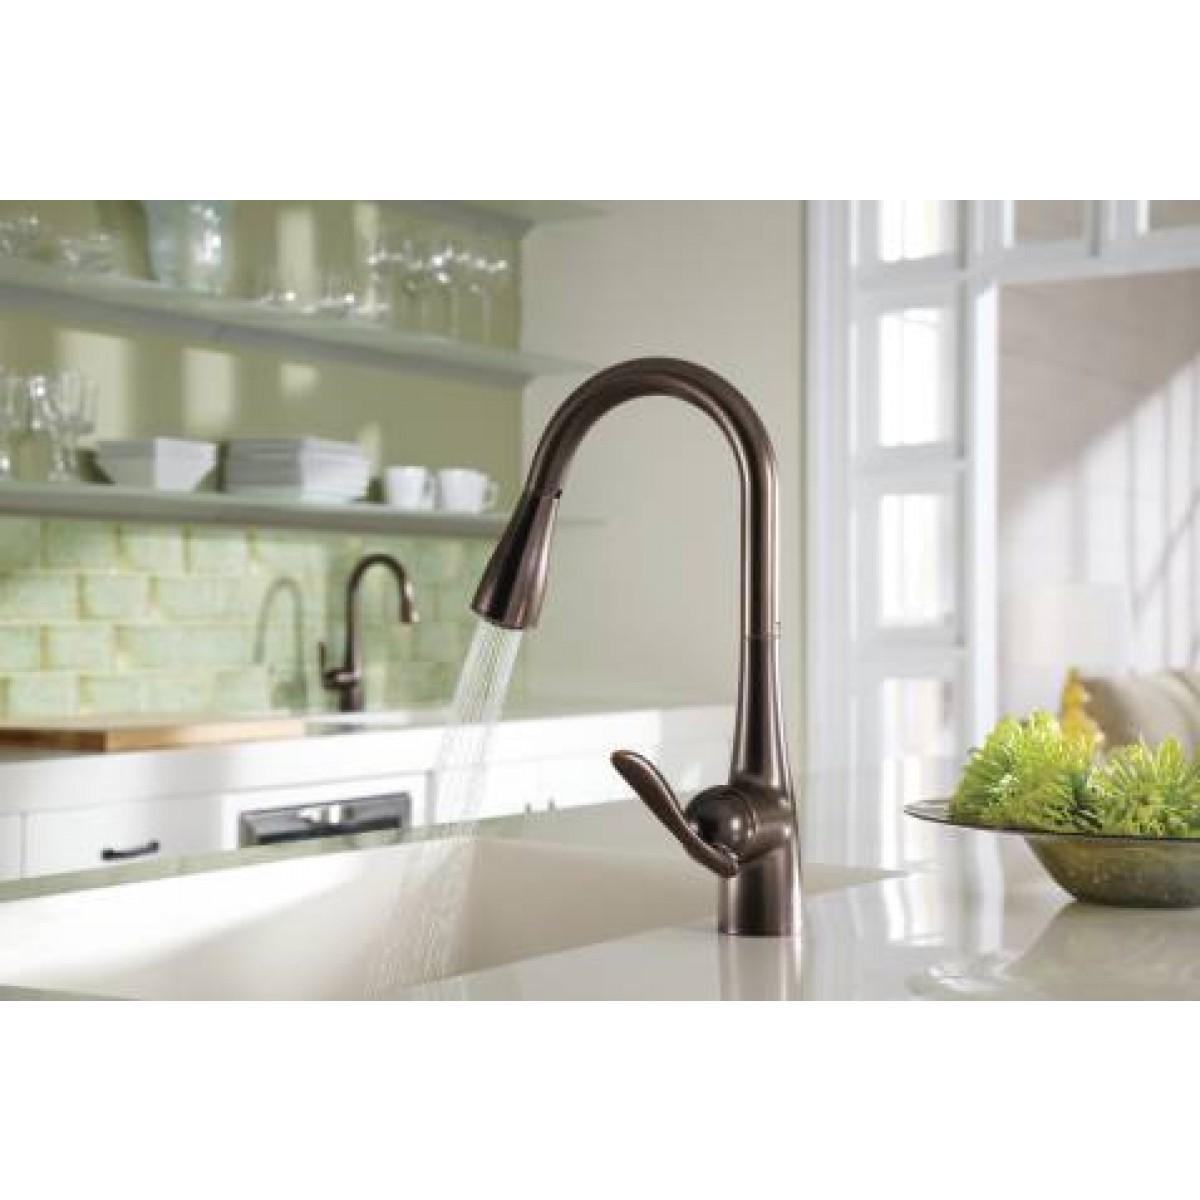 Moen Arbor Lead Free Single Handle Pull Out Kitchen Faucet on discontinued moen faucets, moen 4600 faucet, moen caldwell collection, moen single handle faucet repair, moen laundry faucet, moen replacement parts, moen bathtub fixtures, moen t6125, moen shower fixtures, moen bar sink, moen voss, moen handicap faucets, moen two handle lavatory faucet, moen kingsley faucet, moen faucet models, moen faucets brand, moen water faucets, moen faucet repair parts 97556, moen shower systems, moen monticello faucet repair,